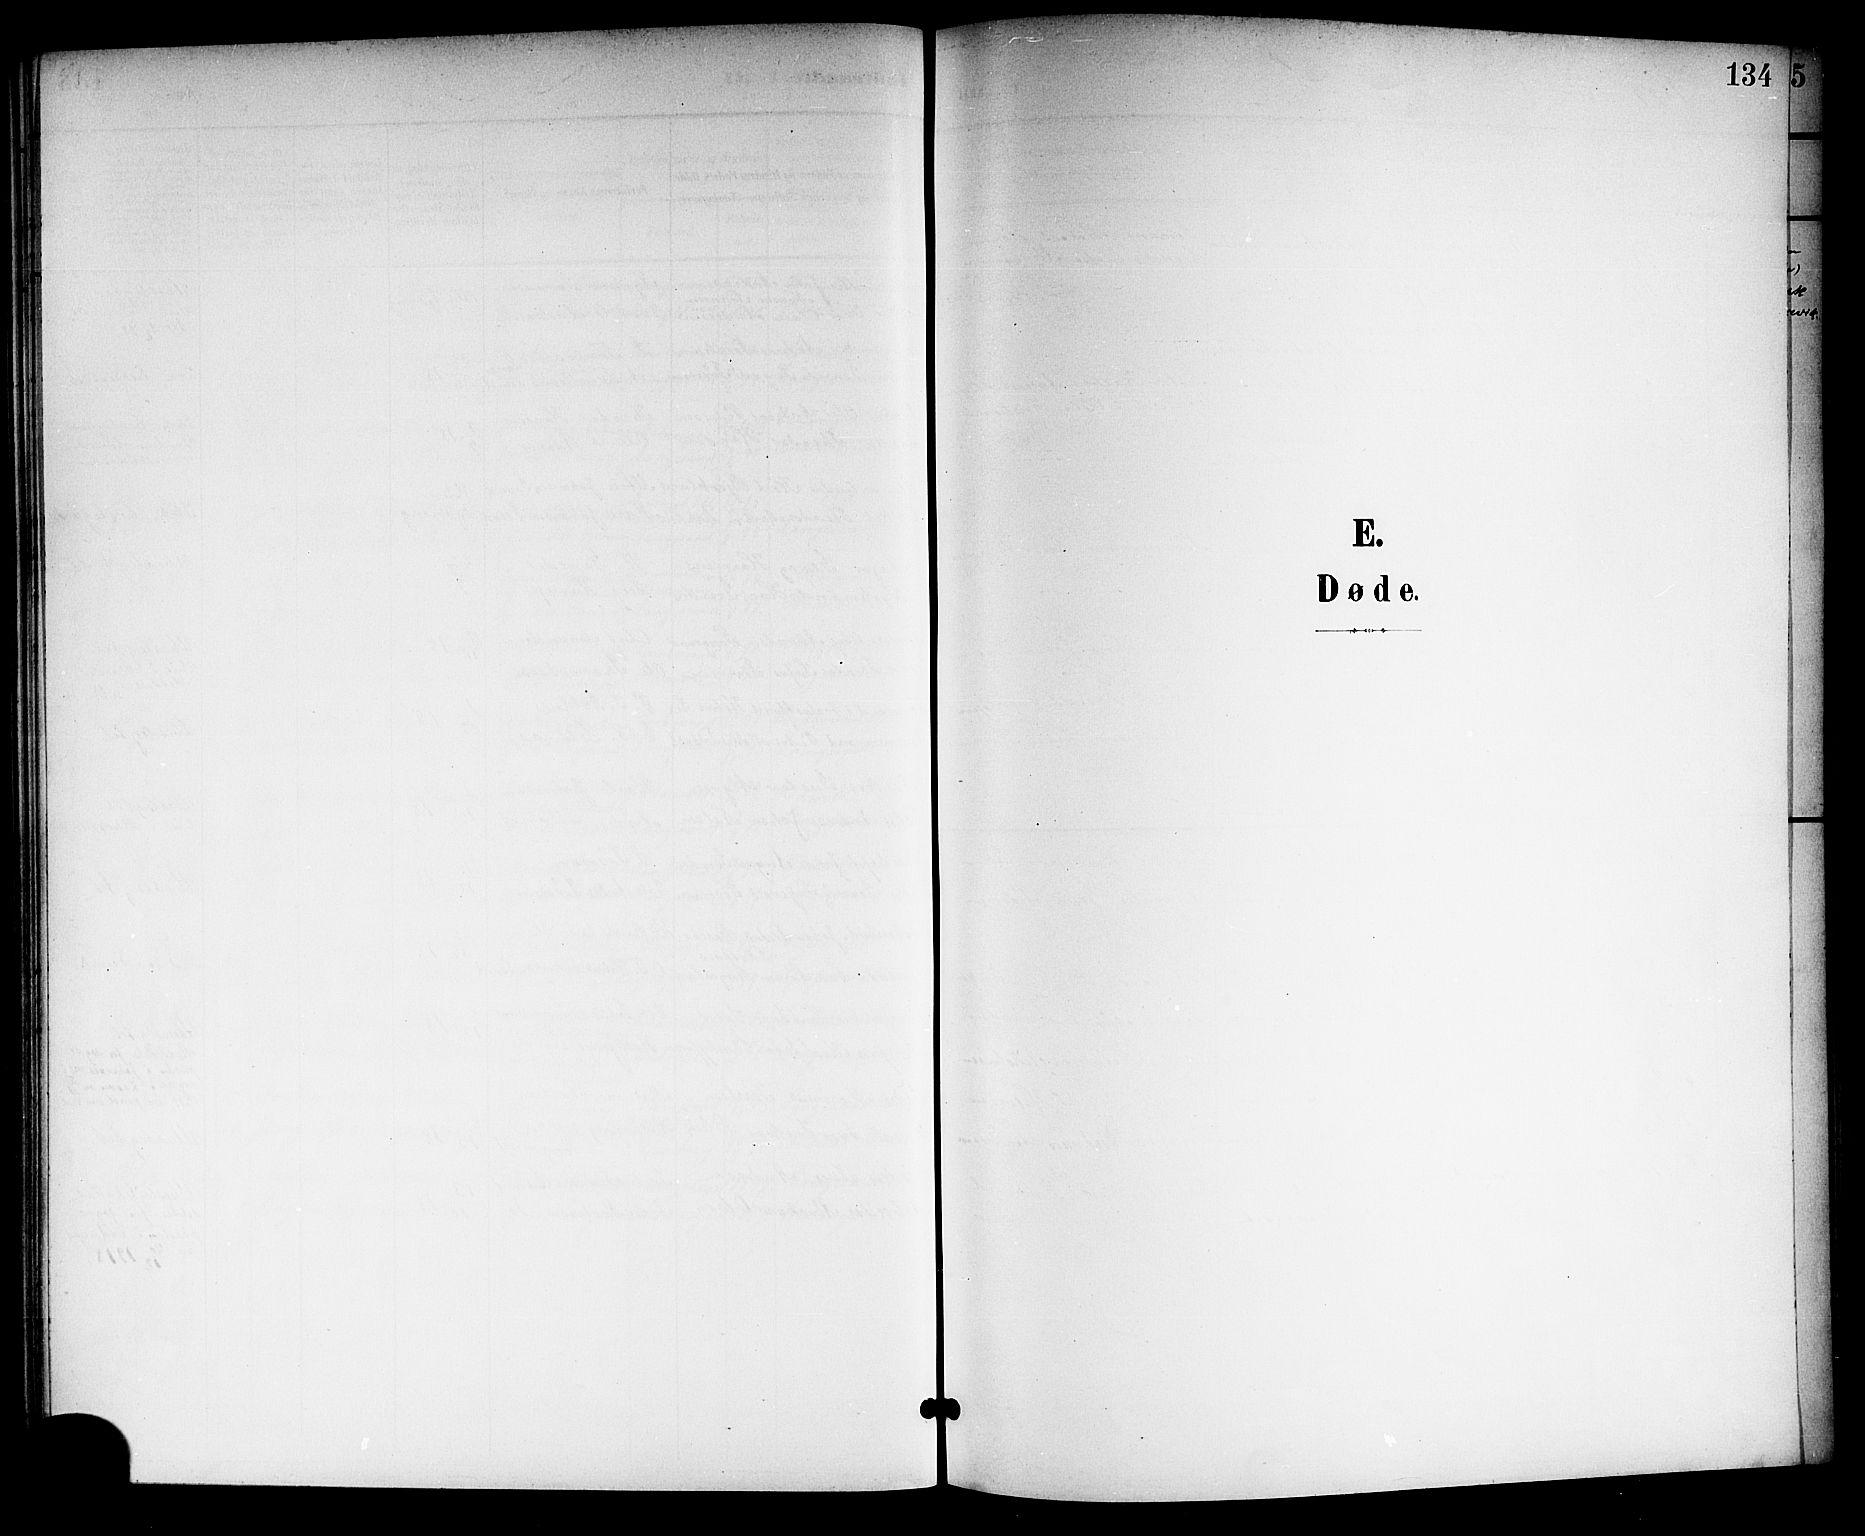 SAKO, Langesund kirkebøker, G/Ga/L0006: Klokkerbok nr. 6, 1899-1918, s. 134